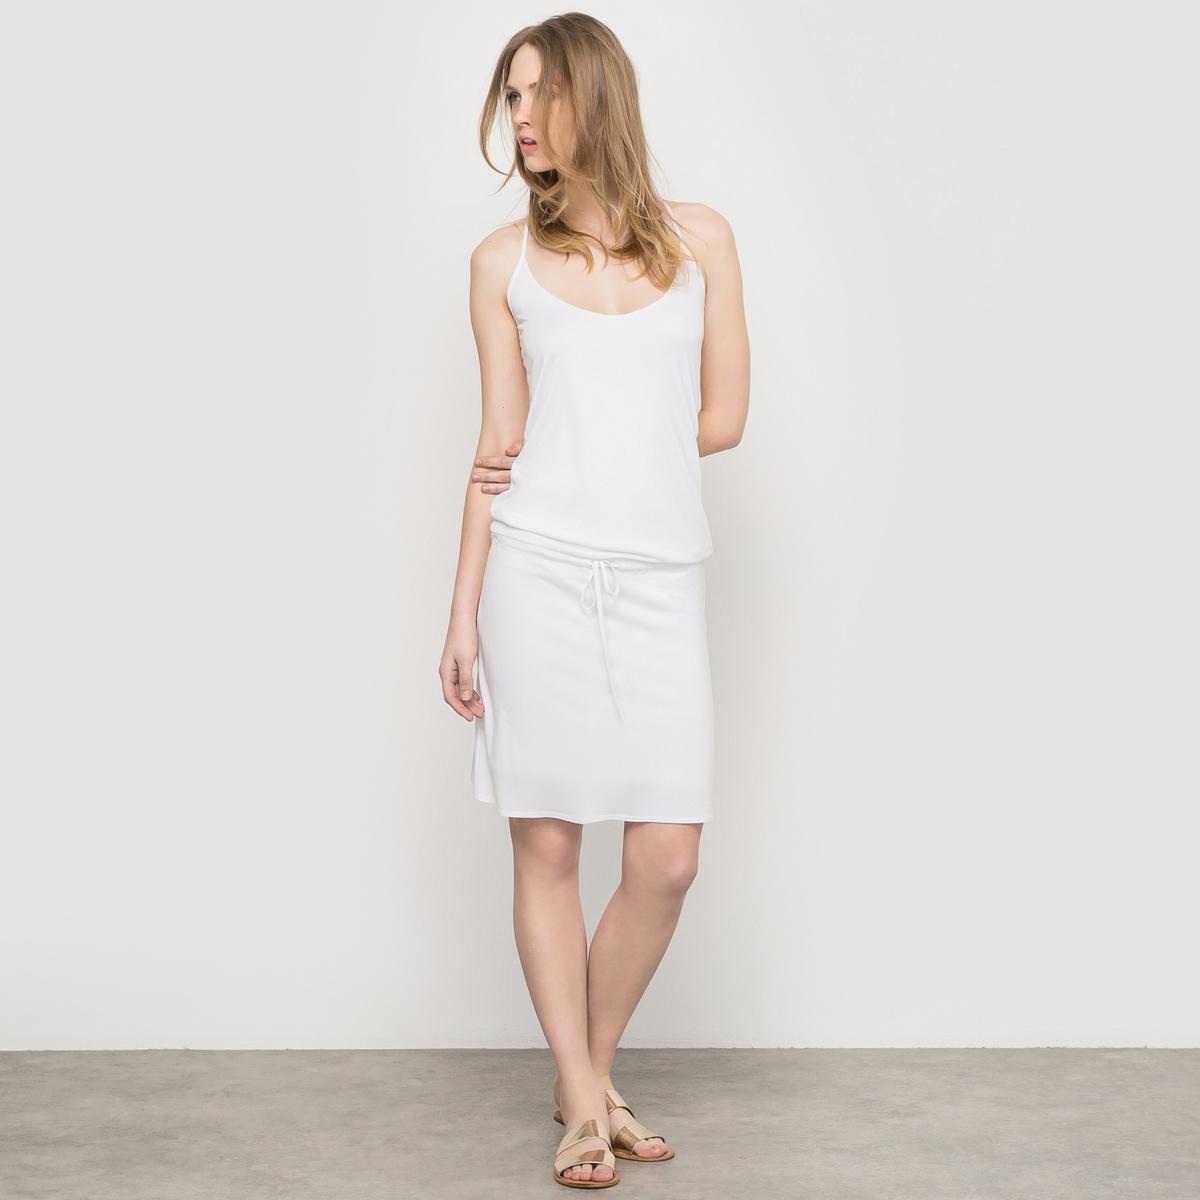 Платье из струящейся ткани - RessentielСостав и описание:Материал: 100% вискозы.Марка: Ressentiel<br><br>Цвет: белый<br>Размер: 50/52 (FR) - 56/58 (RUS)